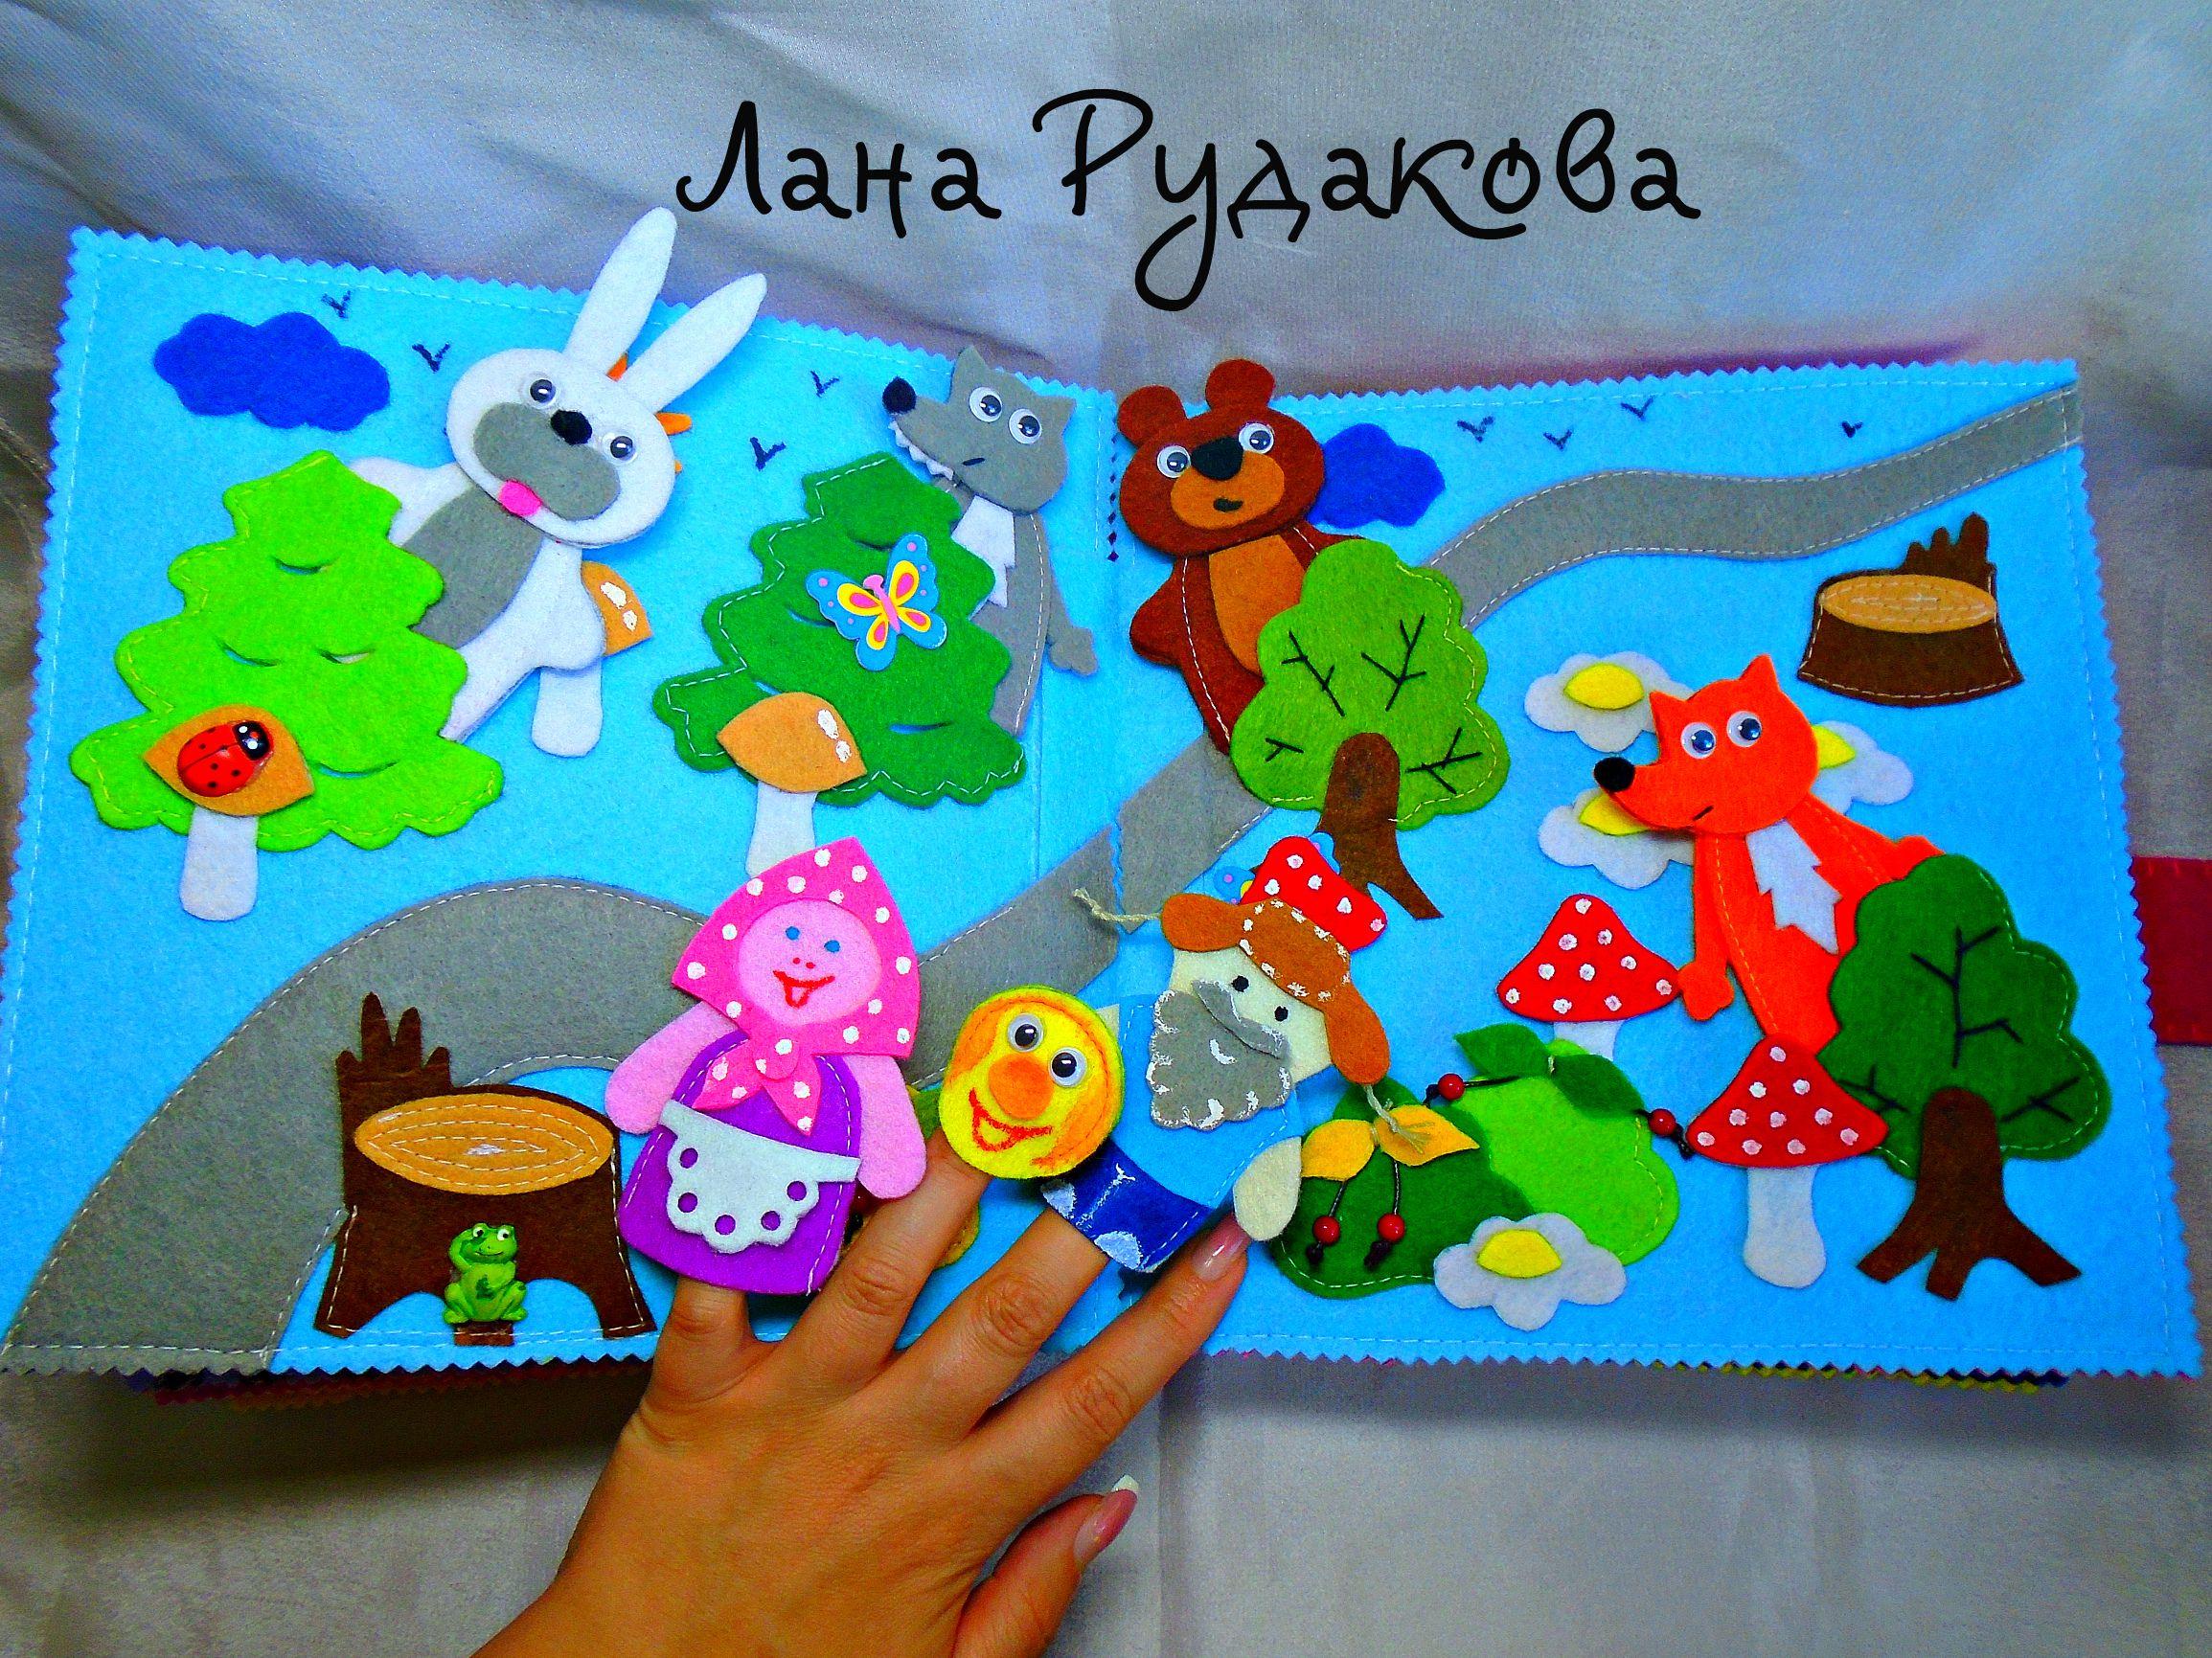 книга интересно игрушки развивашки играть малышам игры детям фетр